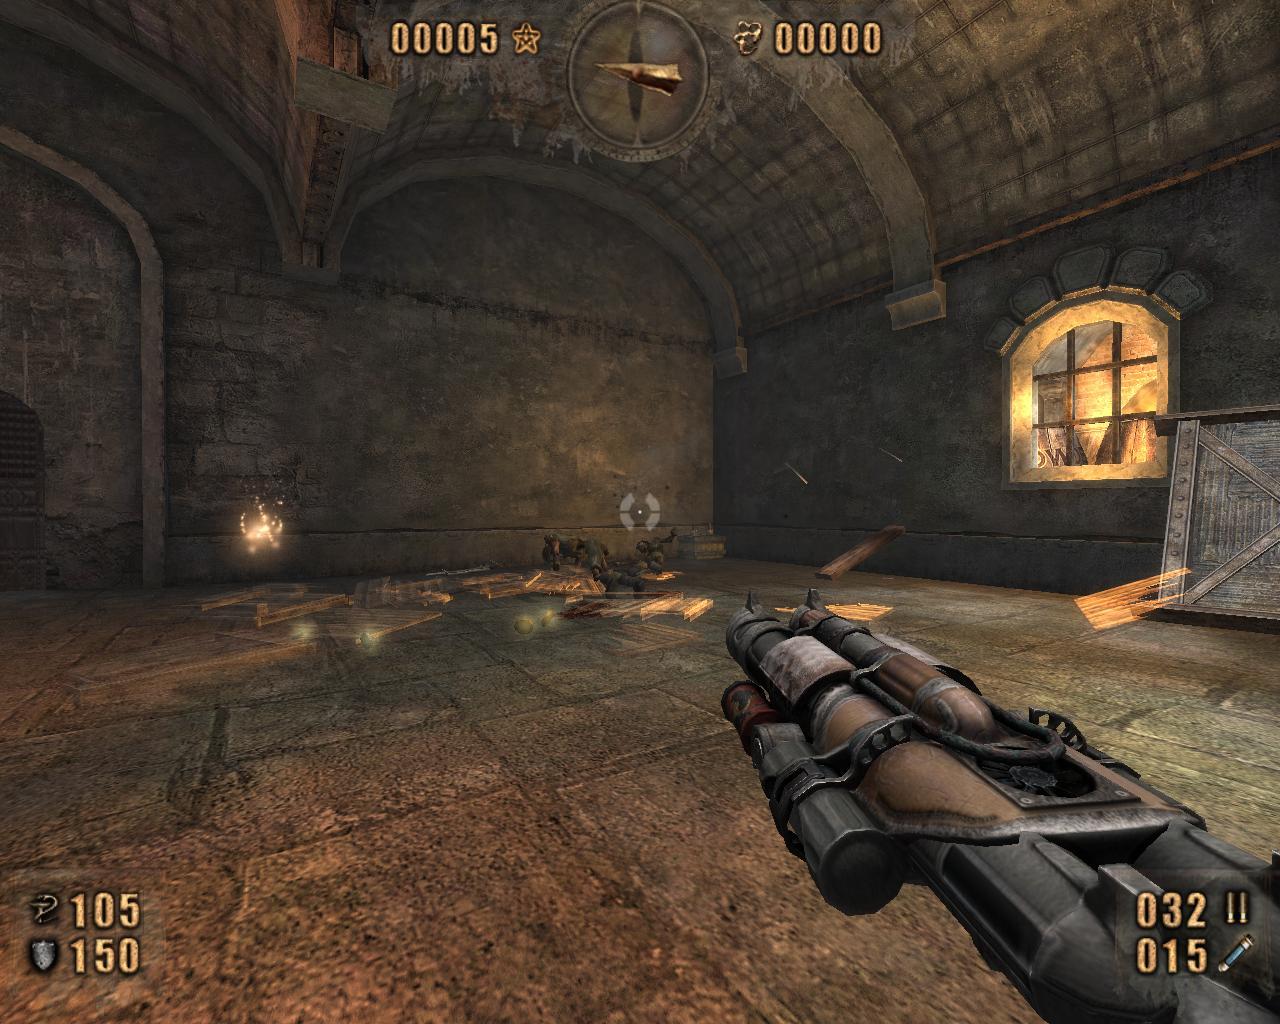 Painkiller Redemption download za darmo pełna wersja full do pobrania